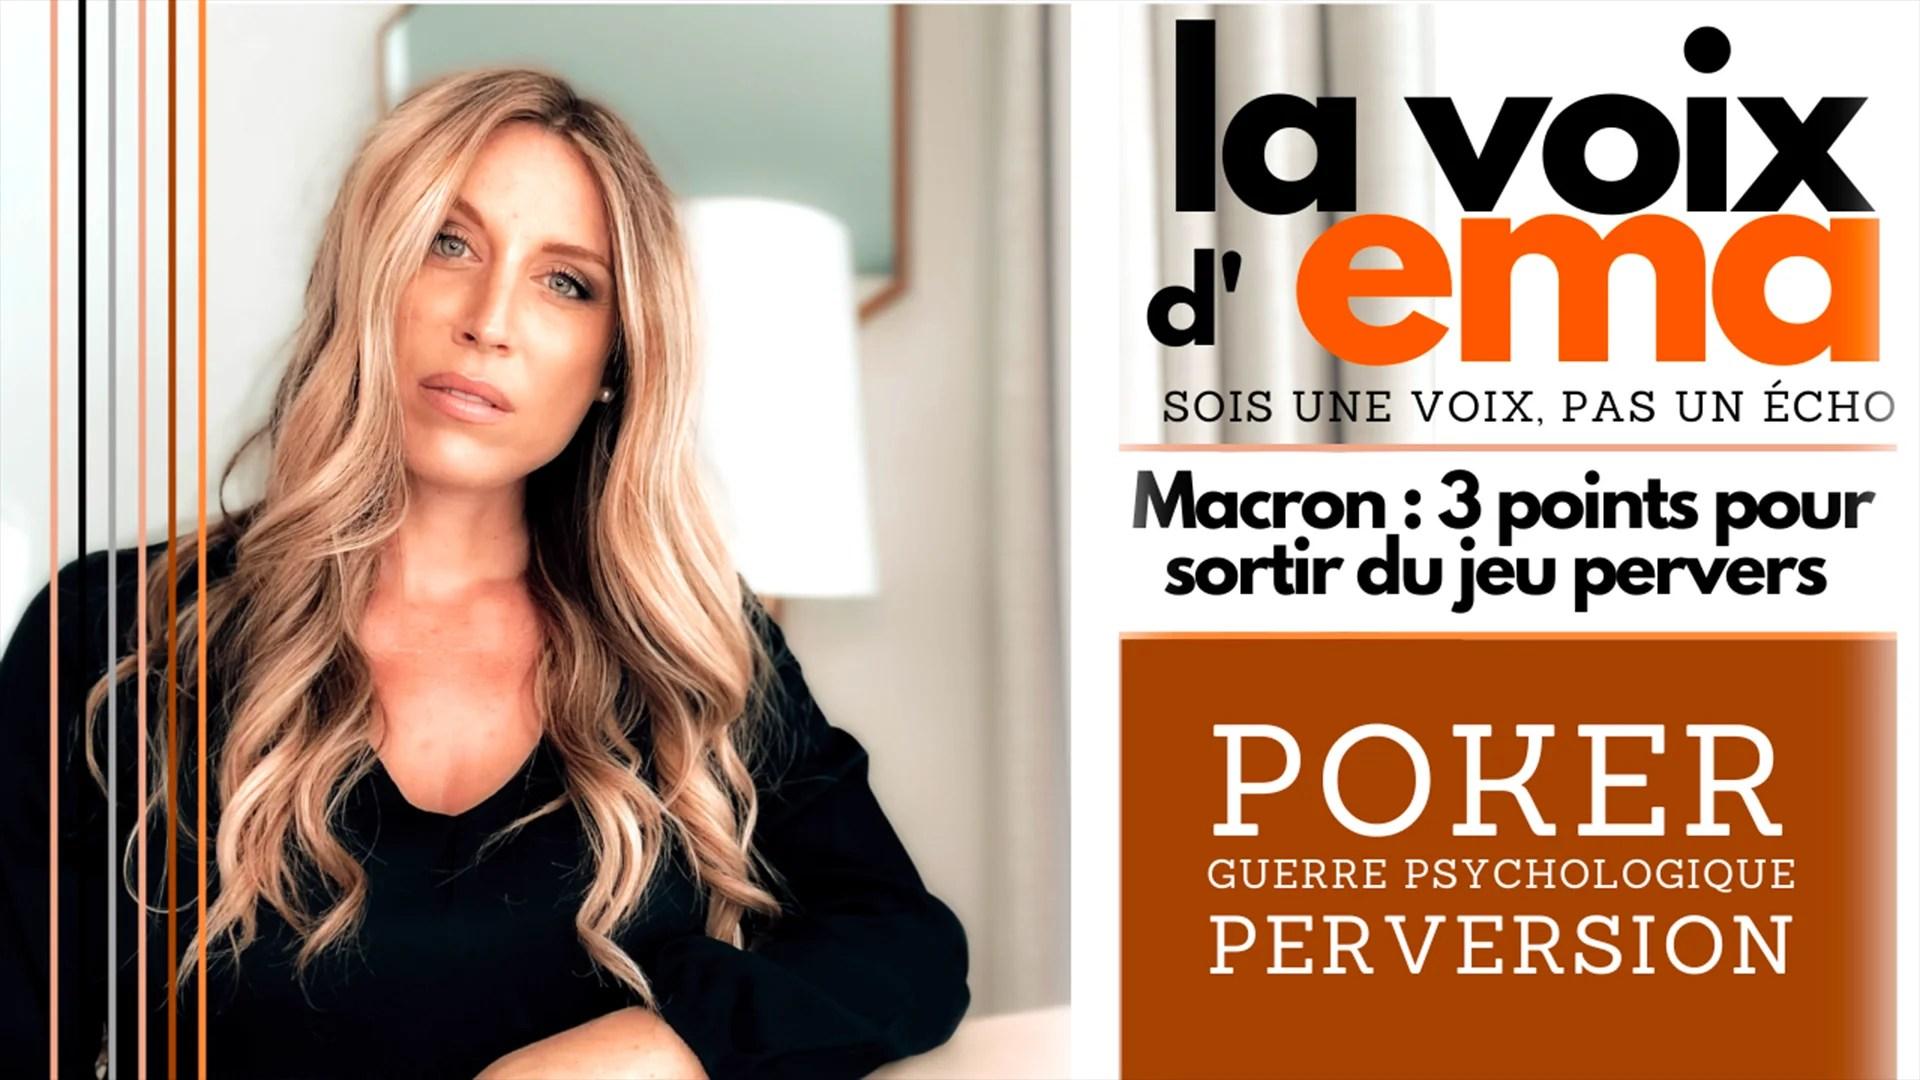 La Voix d'Ema – #37 – [13.07.2021] – Macron : Poker, perversion et guerre psychologique